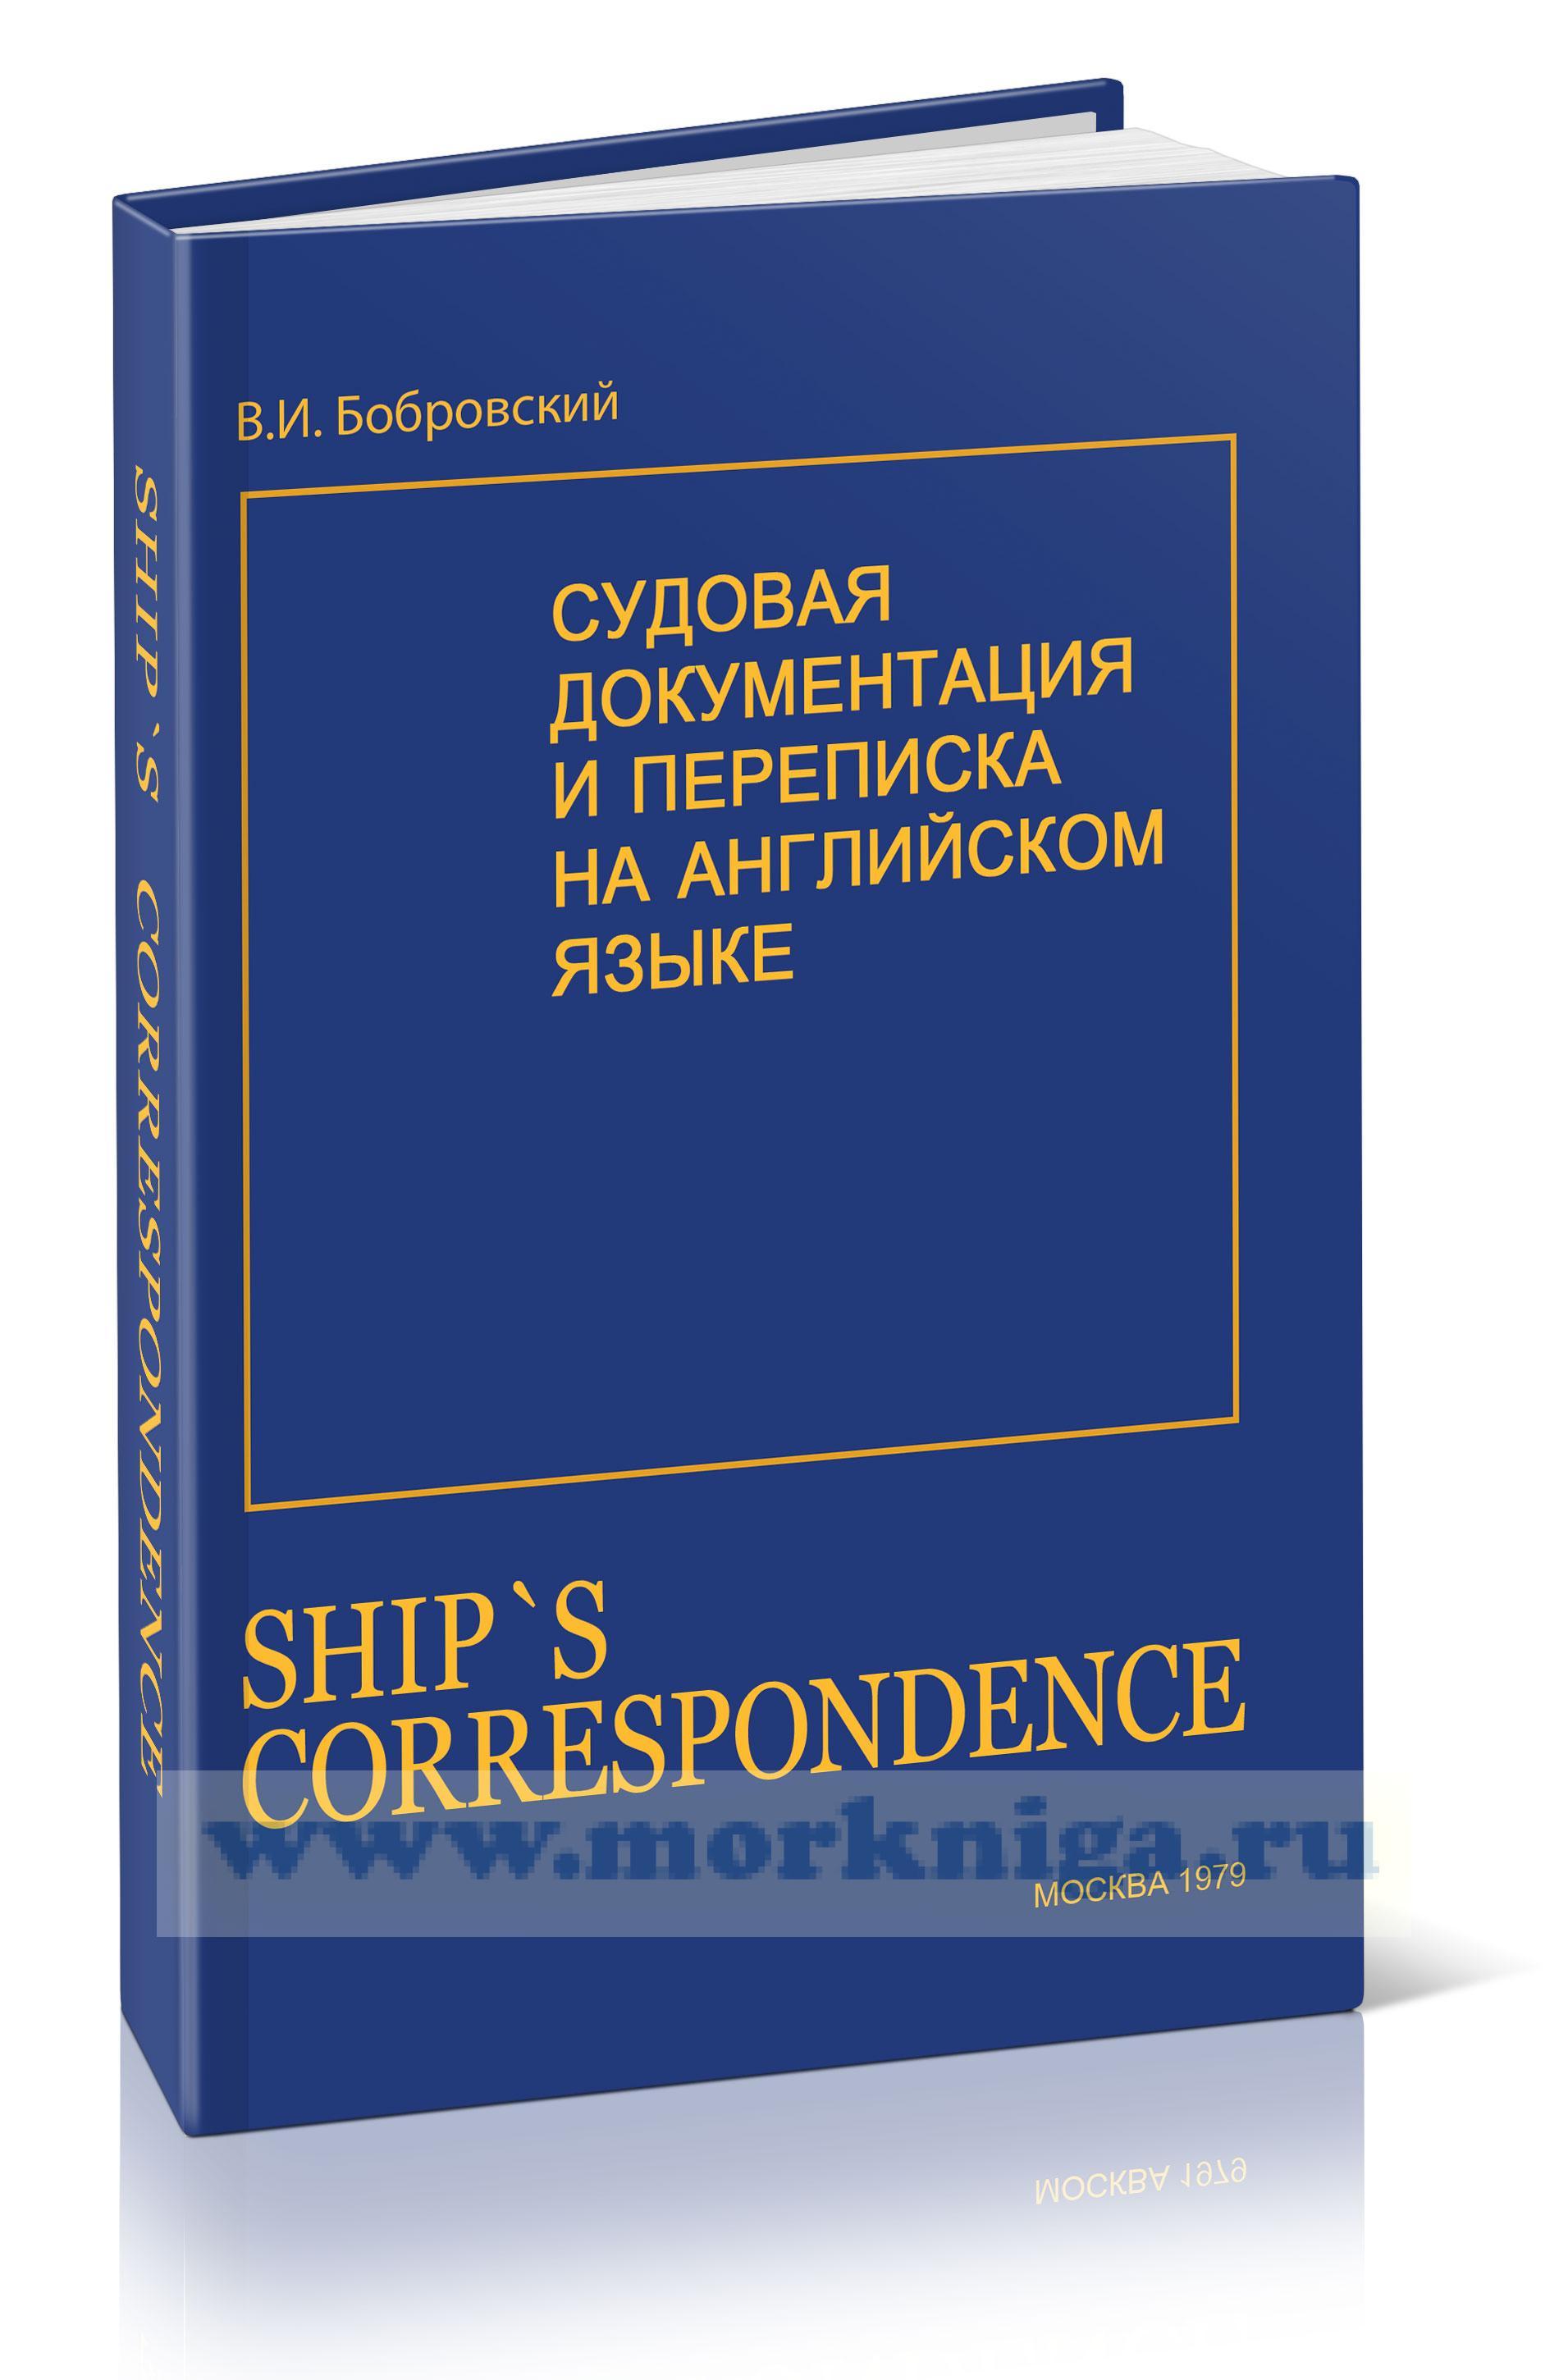 Судовая документация и переписка на английском языке